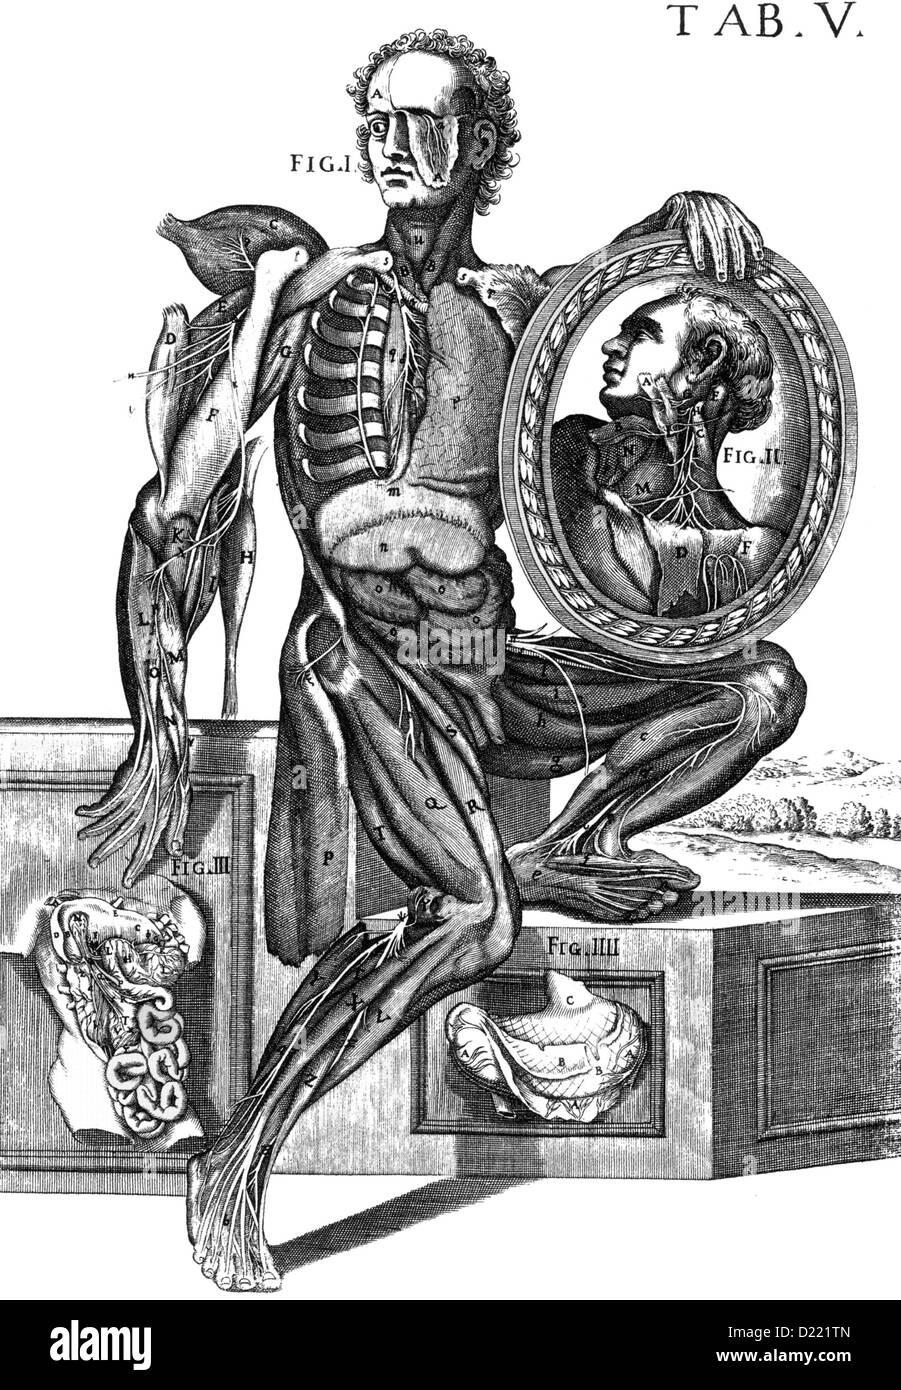 Flämischen Anatomen ANDREAS VESALIUS (1514-1564). Das Diagramm zeigt ...